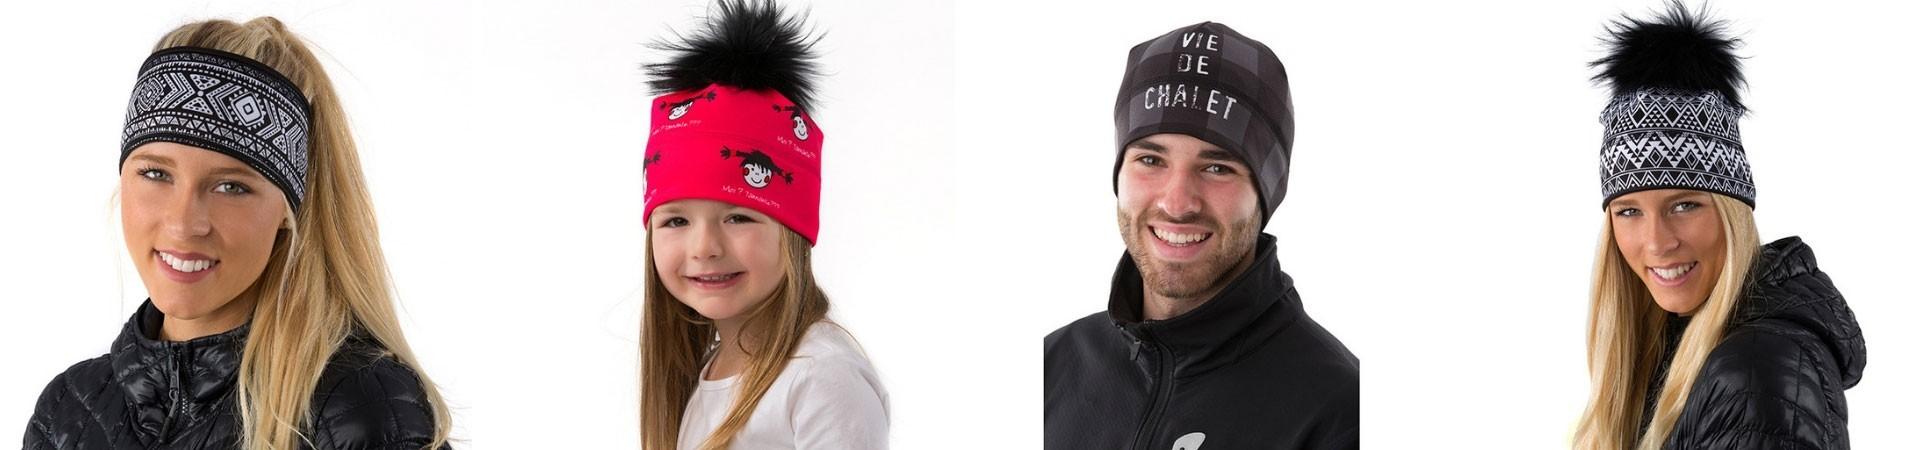 Tuques originales pour hommes, femmes et enfants – Qualité durable